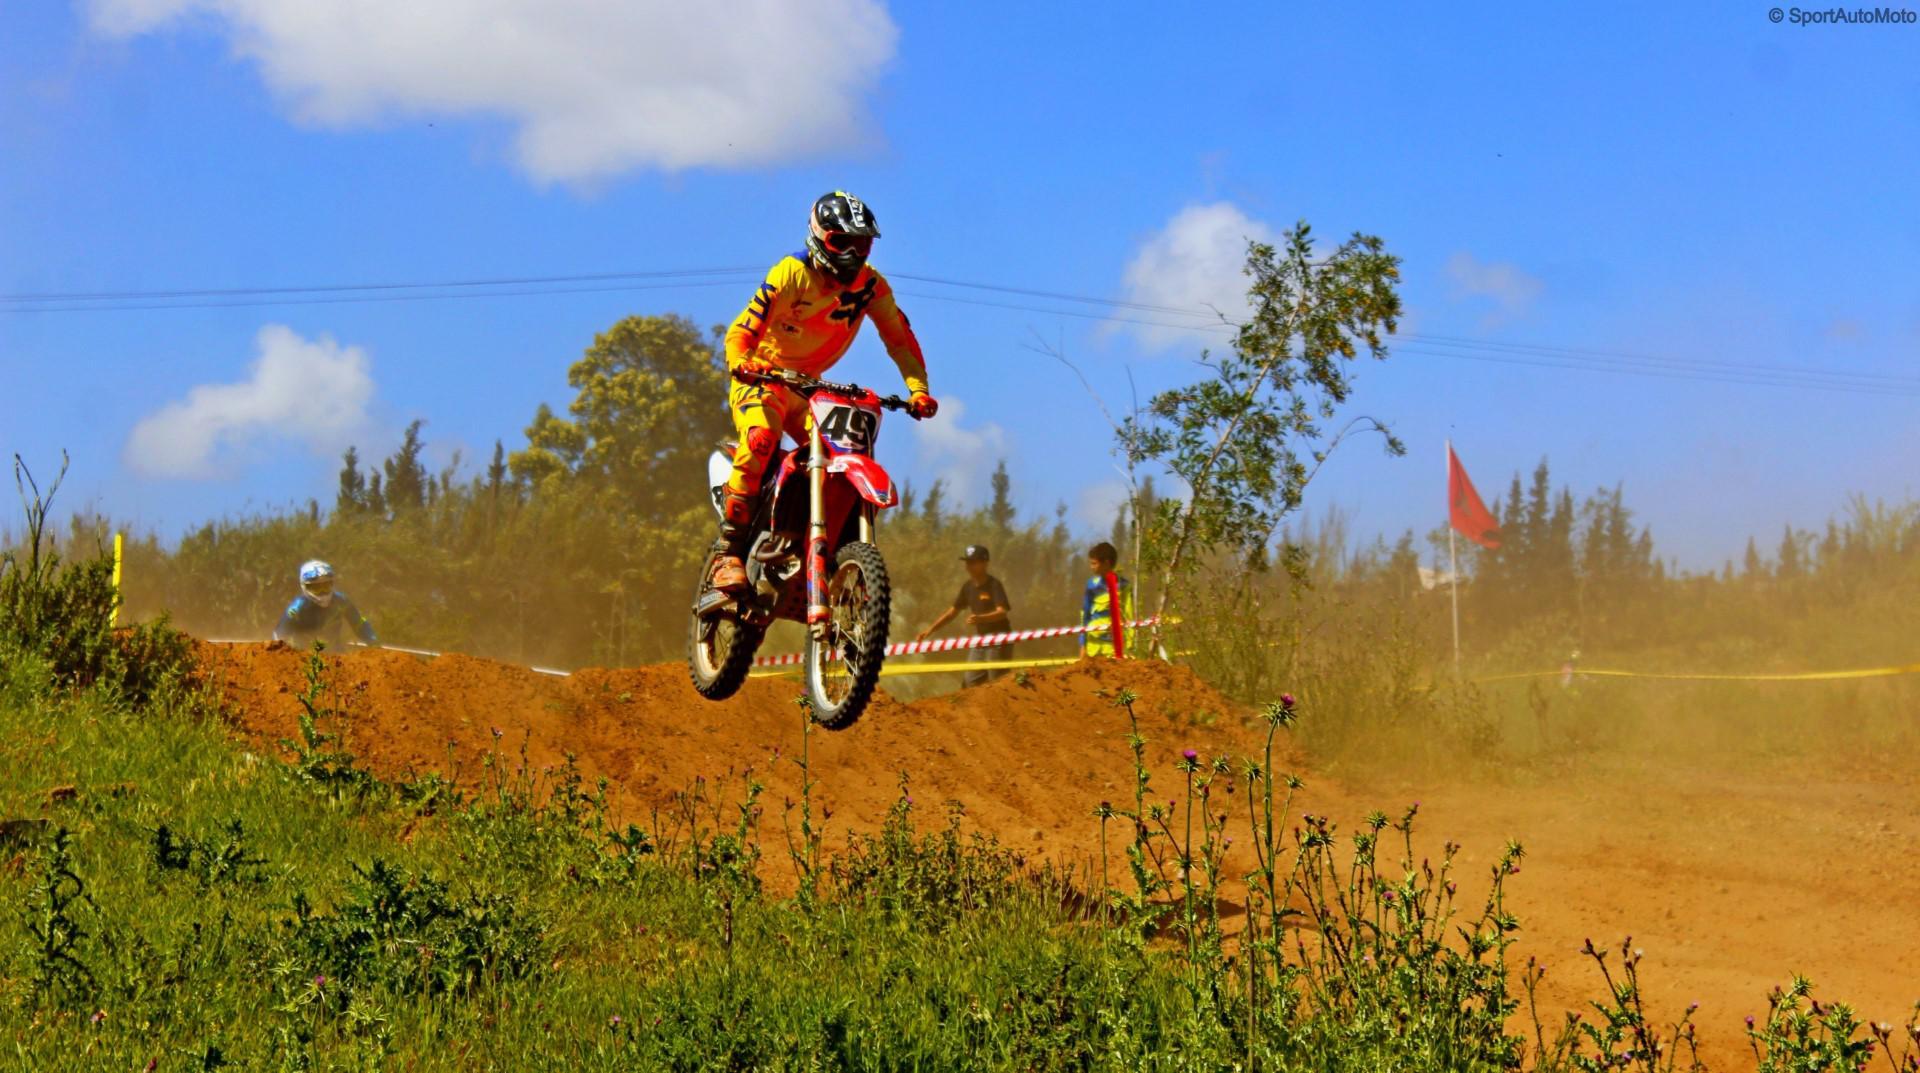 championnat-du-maroc-de-motocross-kenitra-774-4-1.jpg